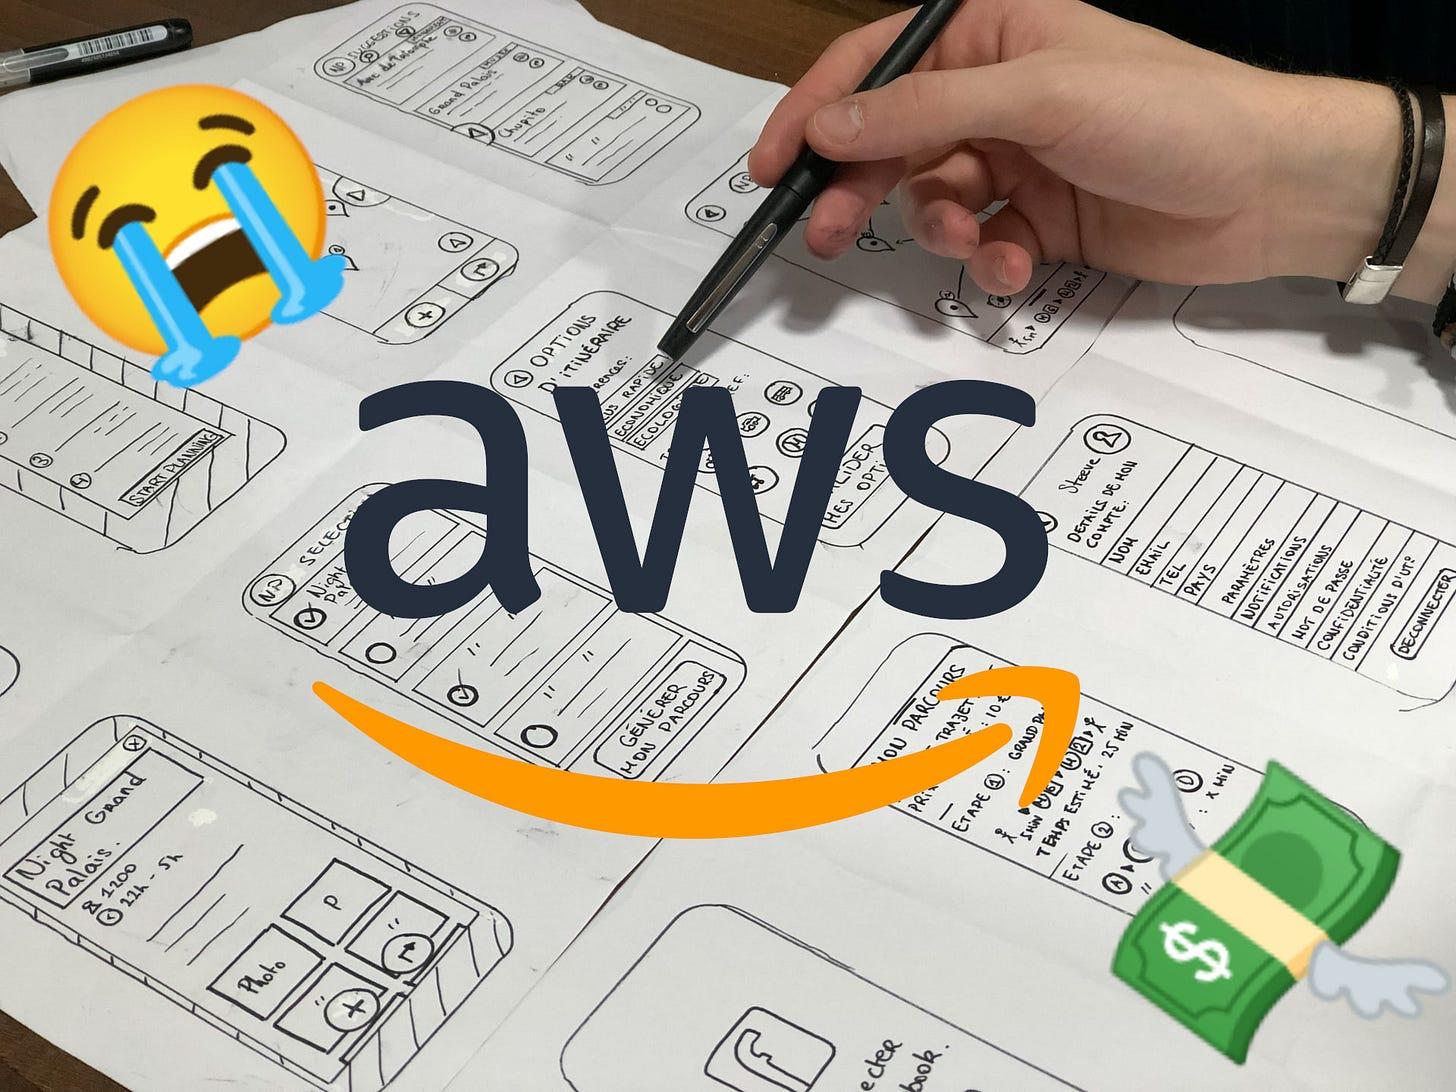 Imagem de uma pessoa trabalhando com lápis na mão, papel e desenho de interface. Logo da Amazon no meio